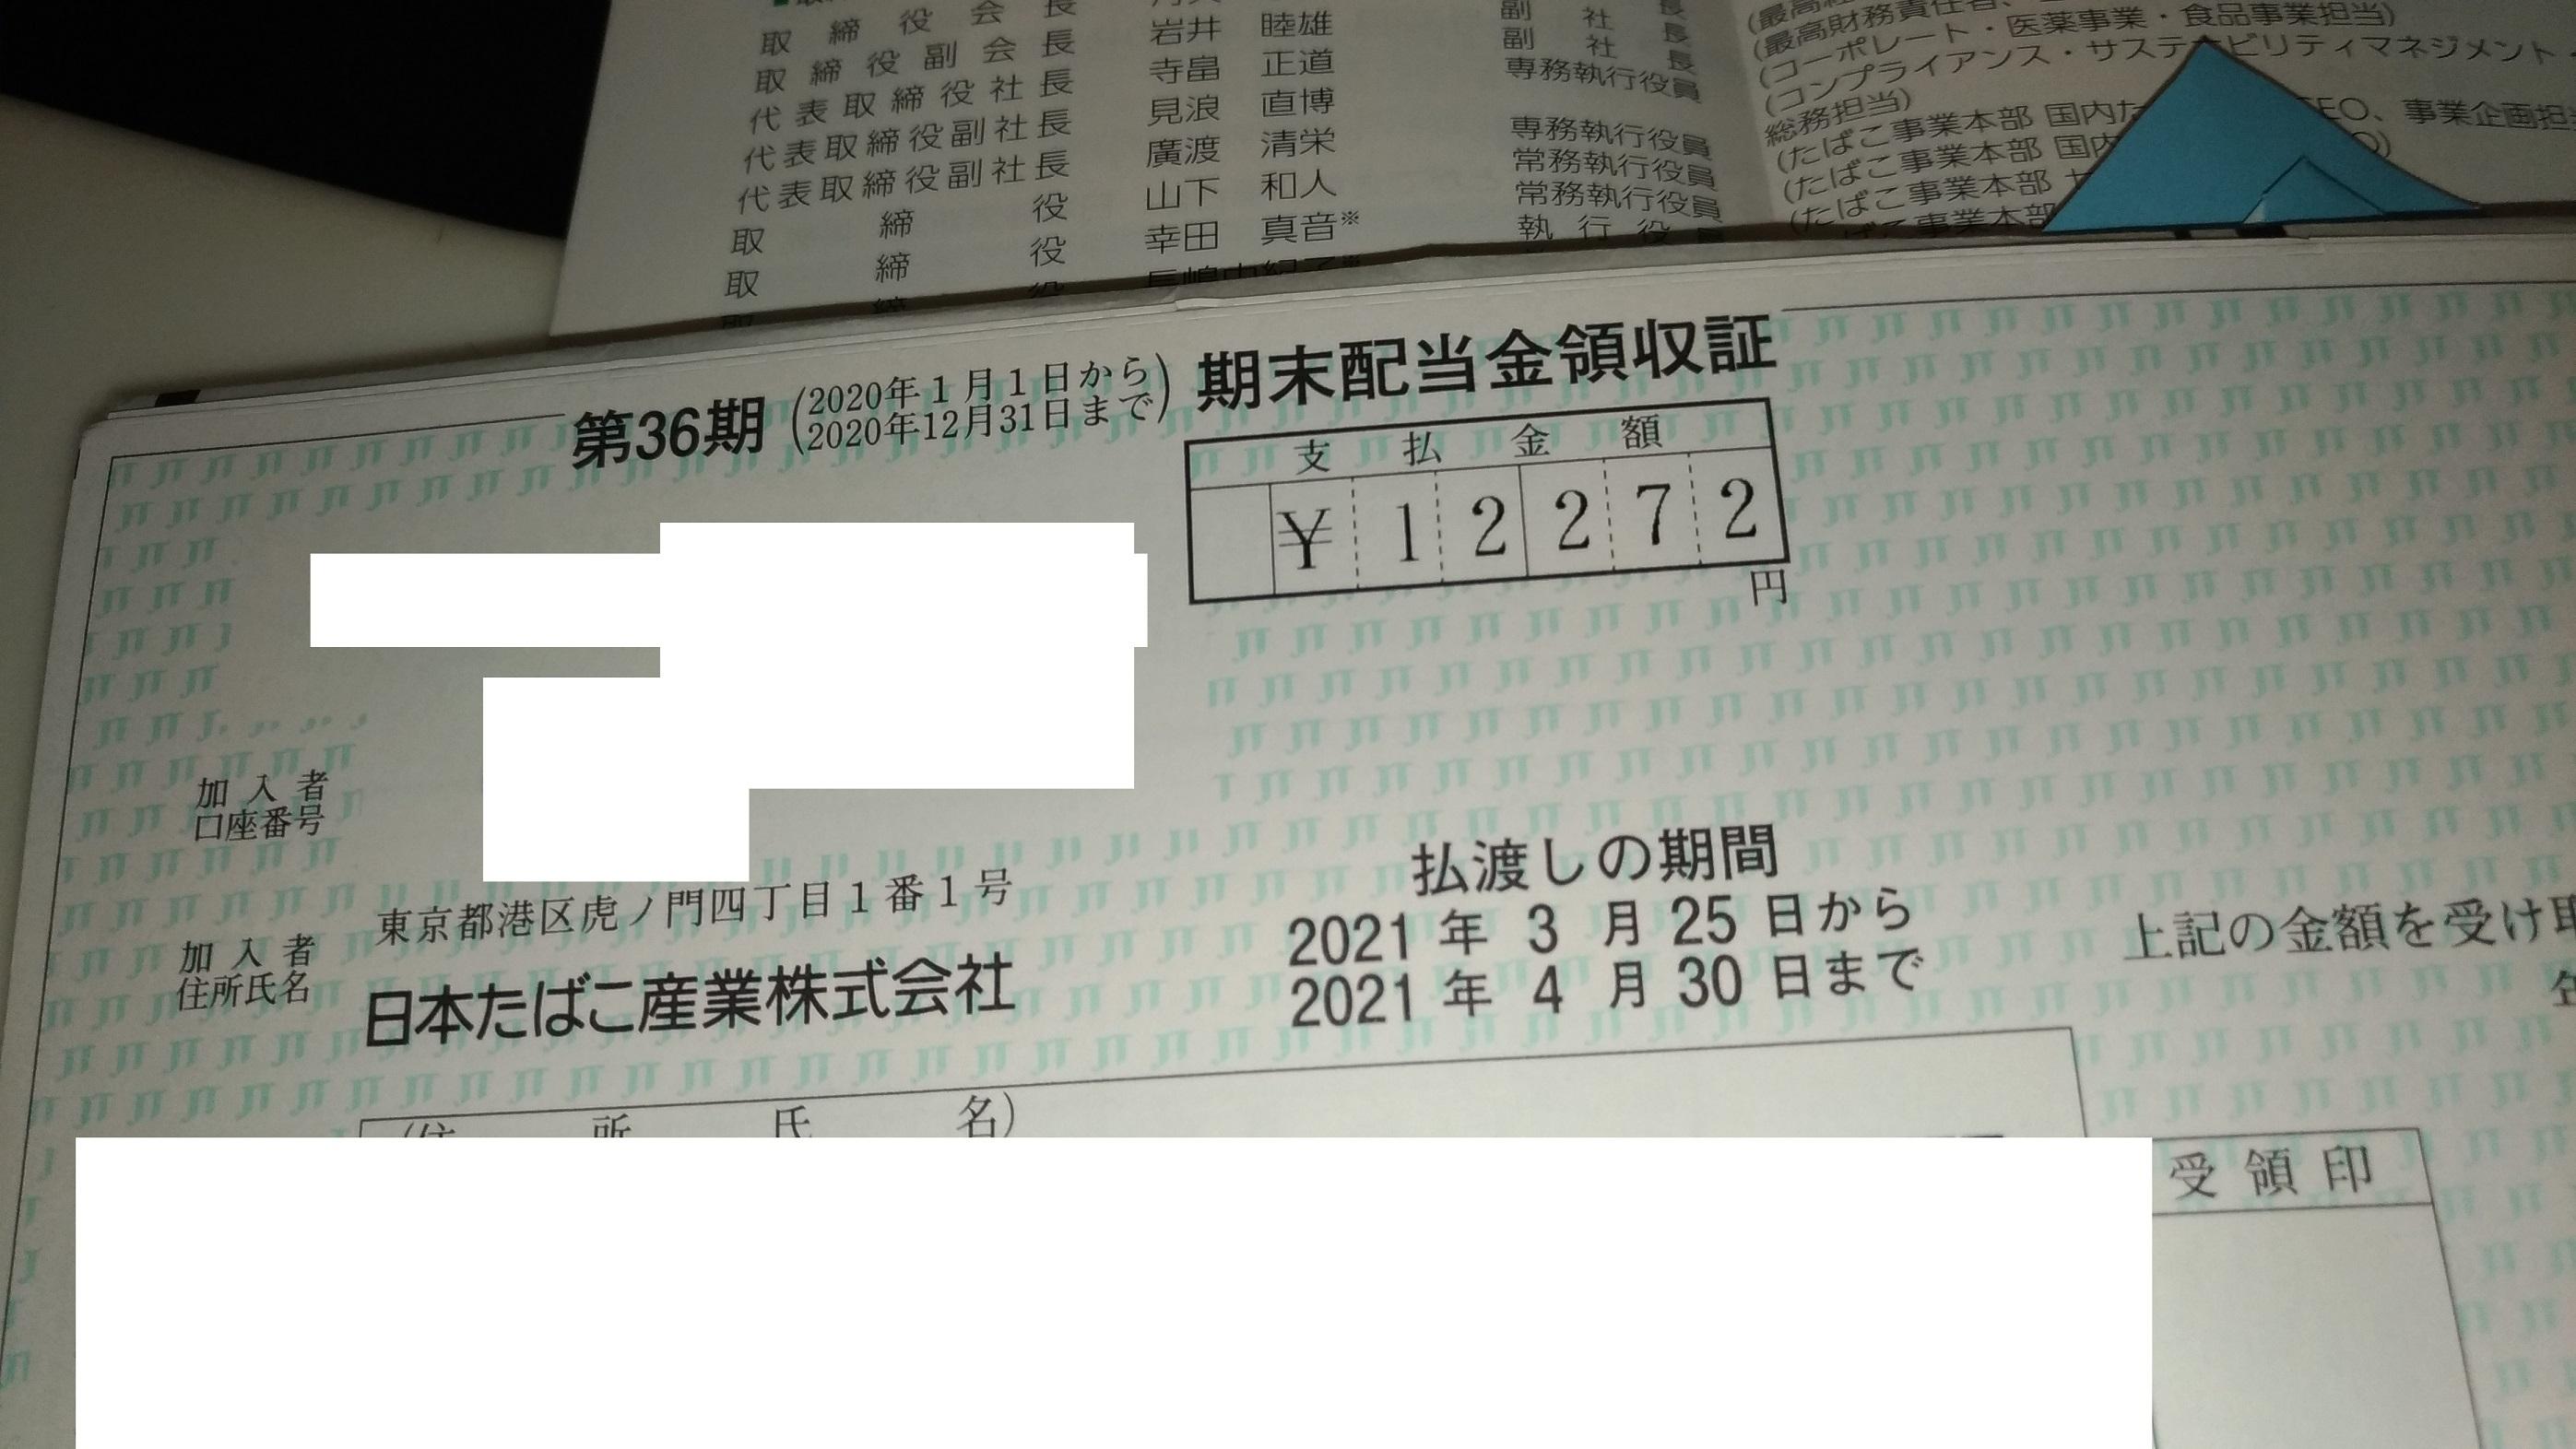 JT_haito_202103_.jpg